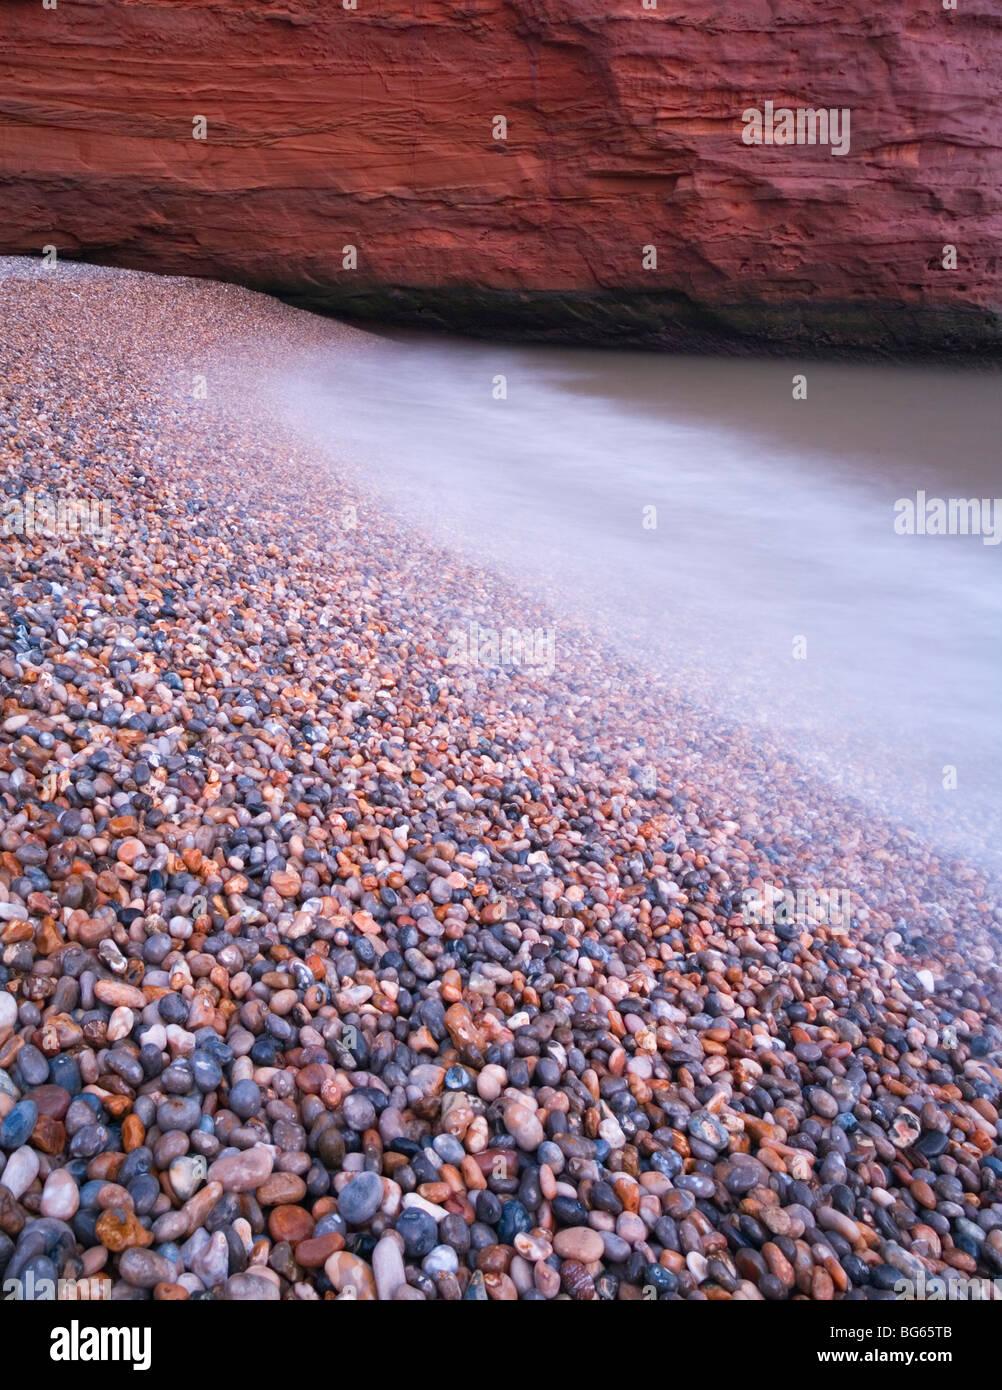 Plage de galets, détail Ladram Bay. La Côte Jurassique, site du patrimoine mondial. Devon. L'Angleterre. Photo Stock